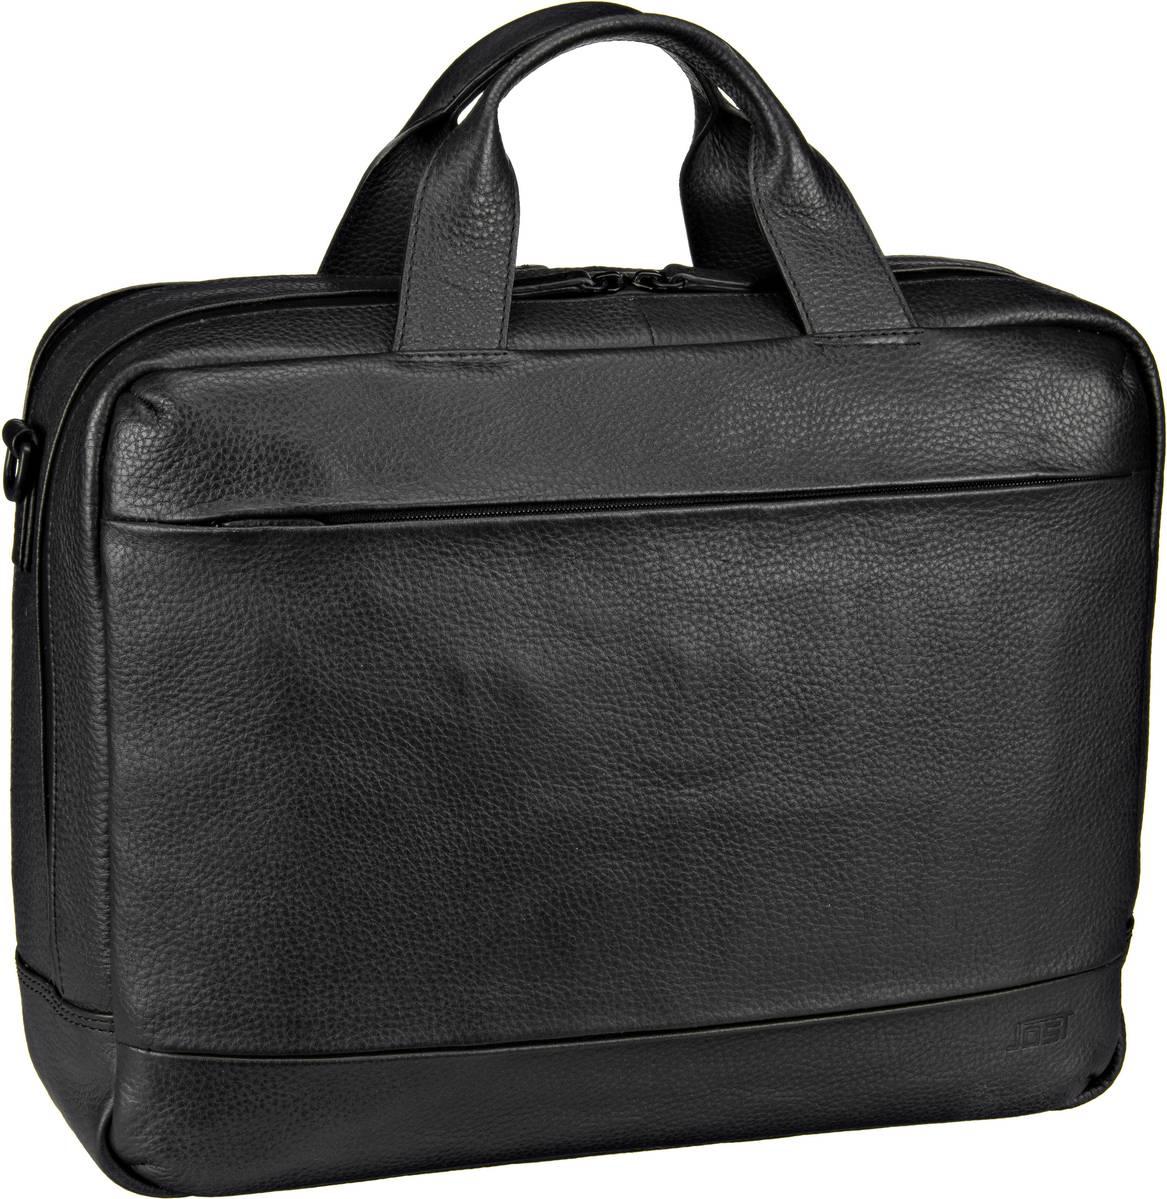 Jost Notebooktasche / Tablet Stockholm 4563 Businesstasche Schwarz